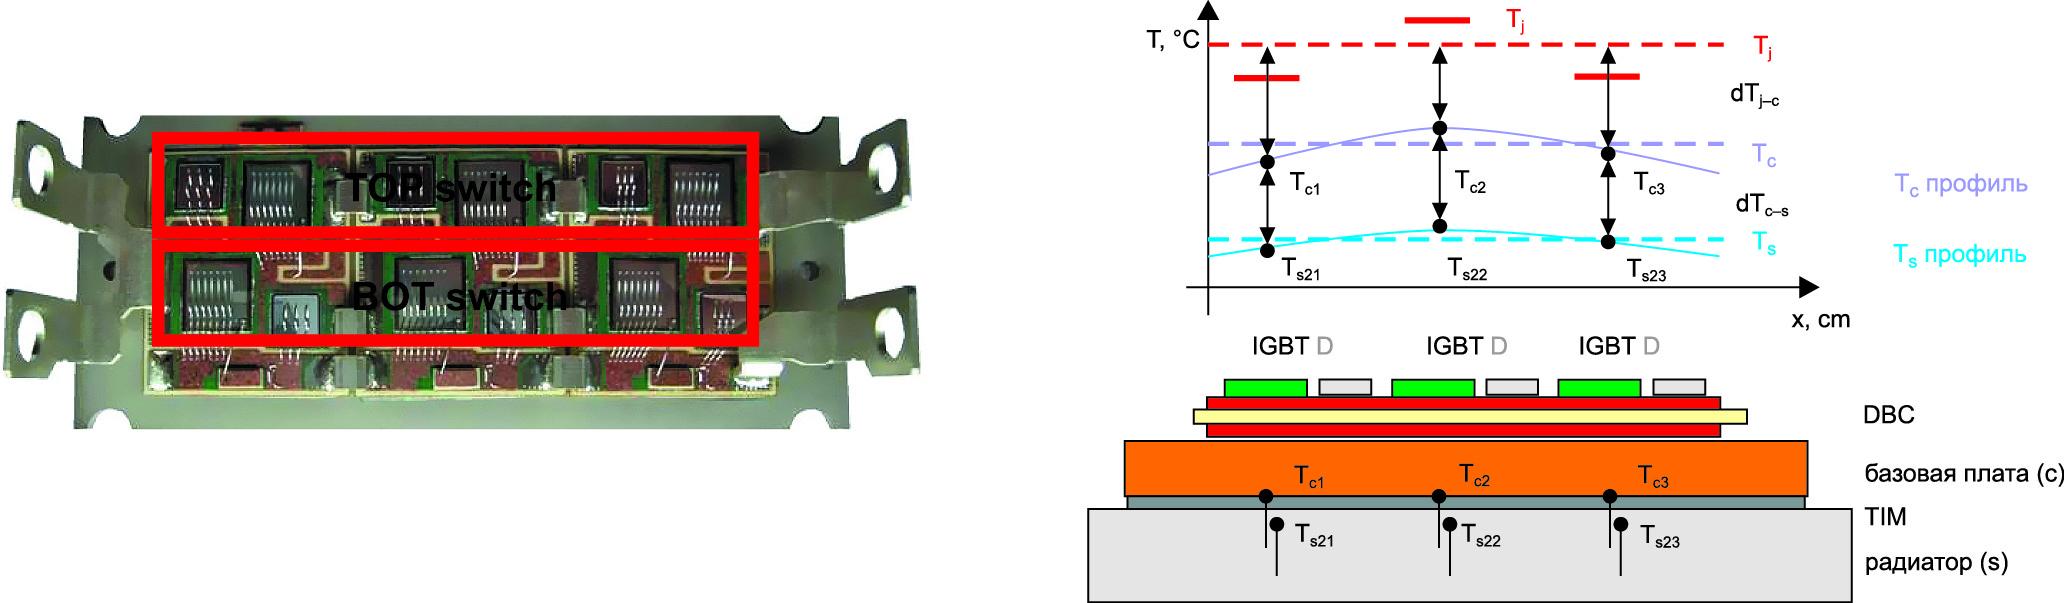 Модуль SEMiX, содержащий два ключа IGBT и FWD, каждый из которых состоит из трех параллельных чипов; тепловой профиль базовой платы модуля